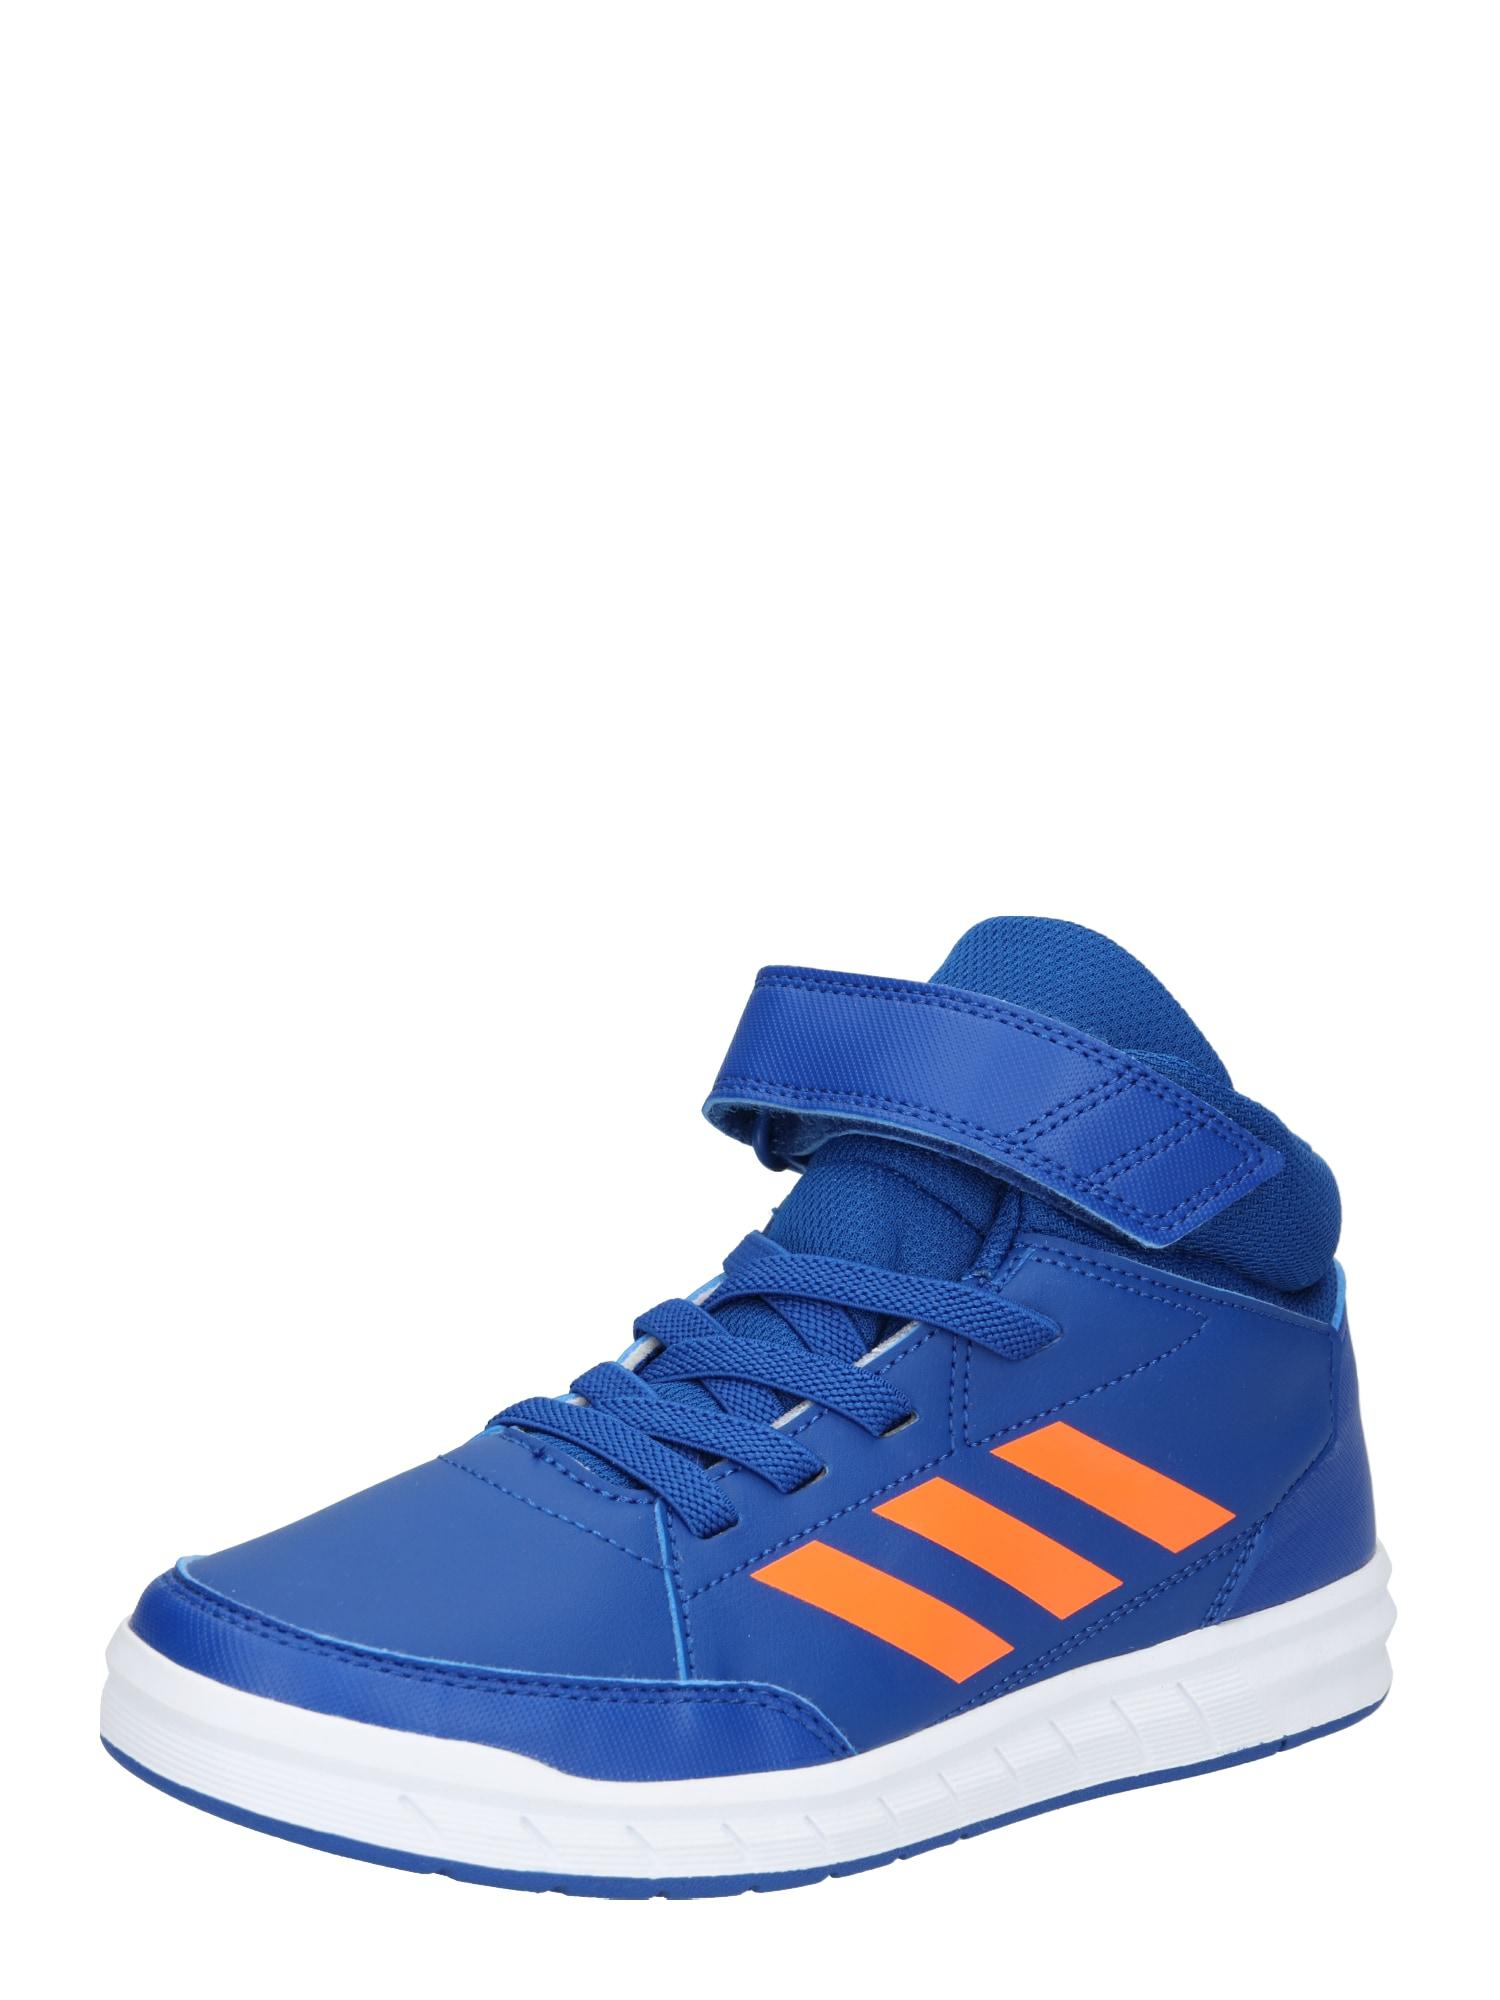 Sportovní boty AltaSport modrá oranžová ADIDAS PERFORMANCE